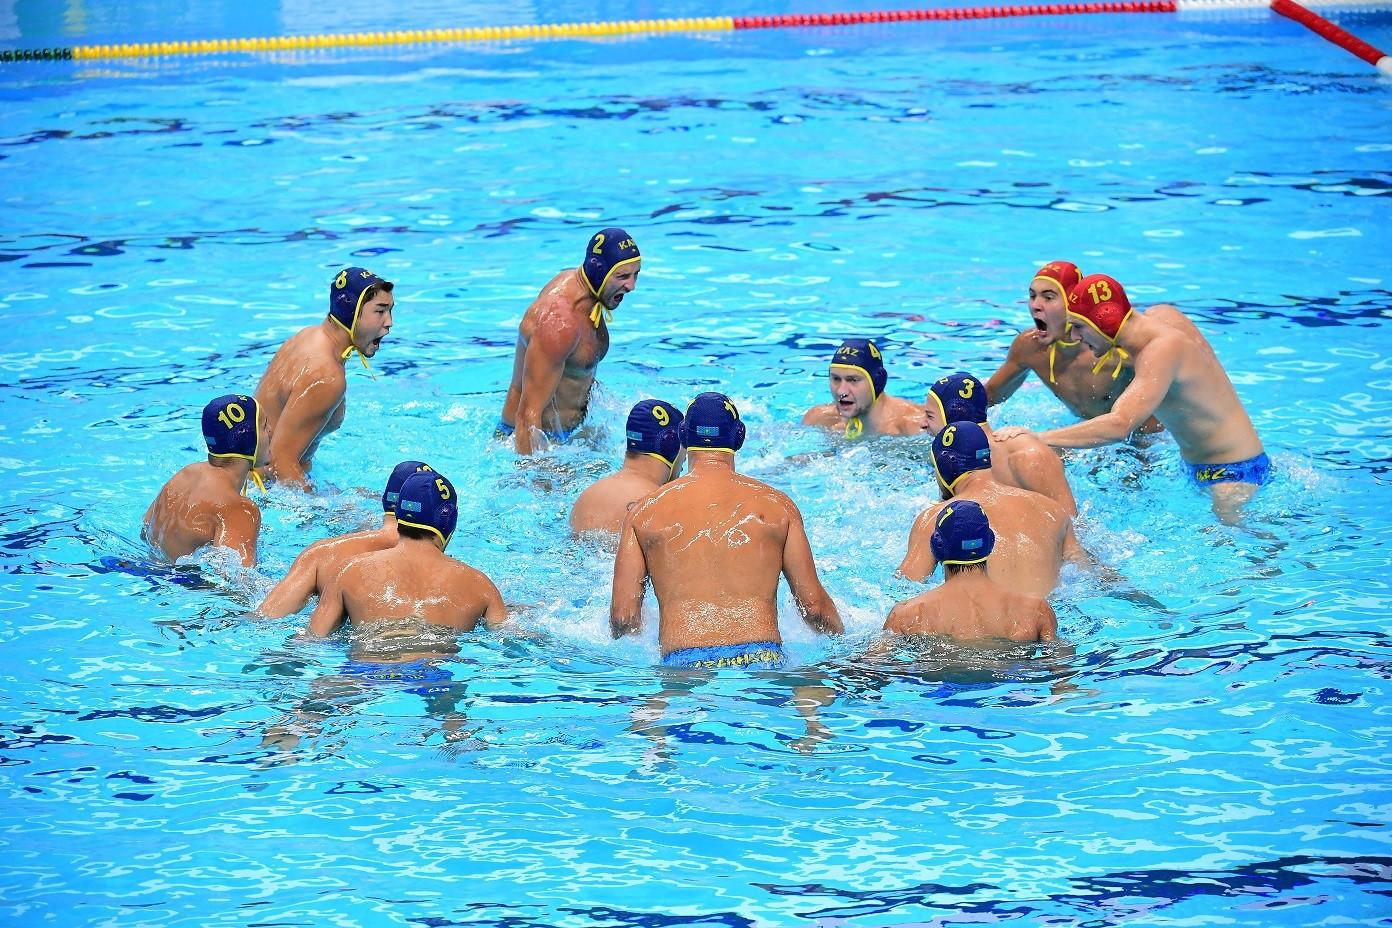 Мужская команда Казахстана по водному поло примет участие в суперфинале Мировой лиги, Казахстан, Водное поло, Суперфинал, Мировая лига